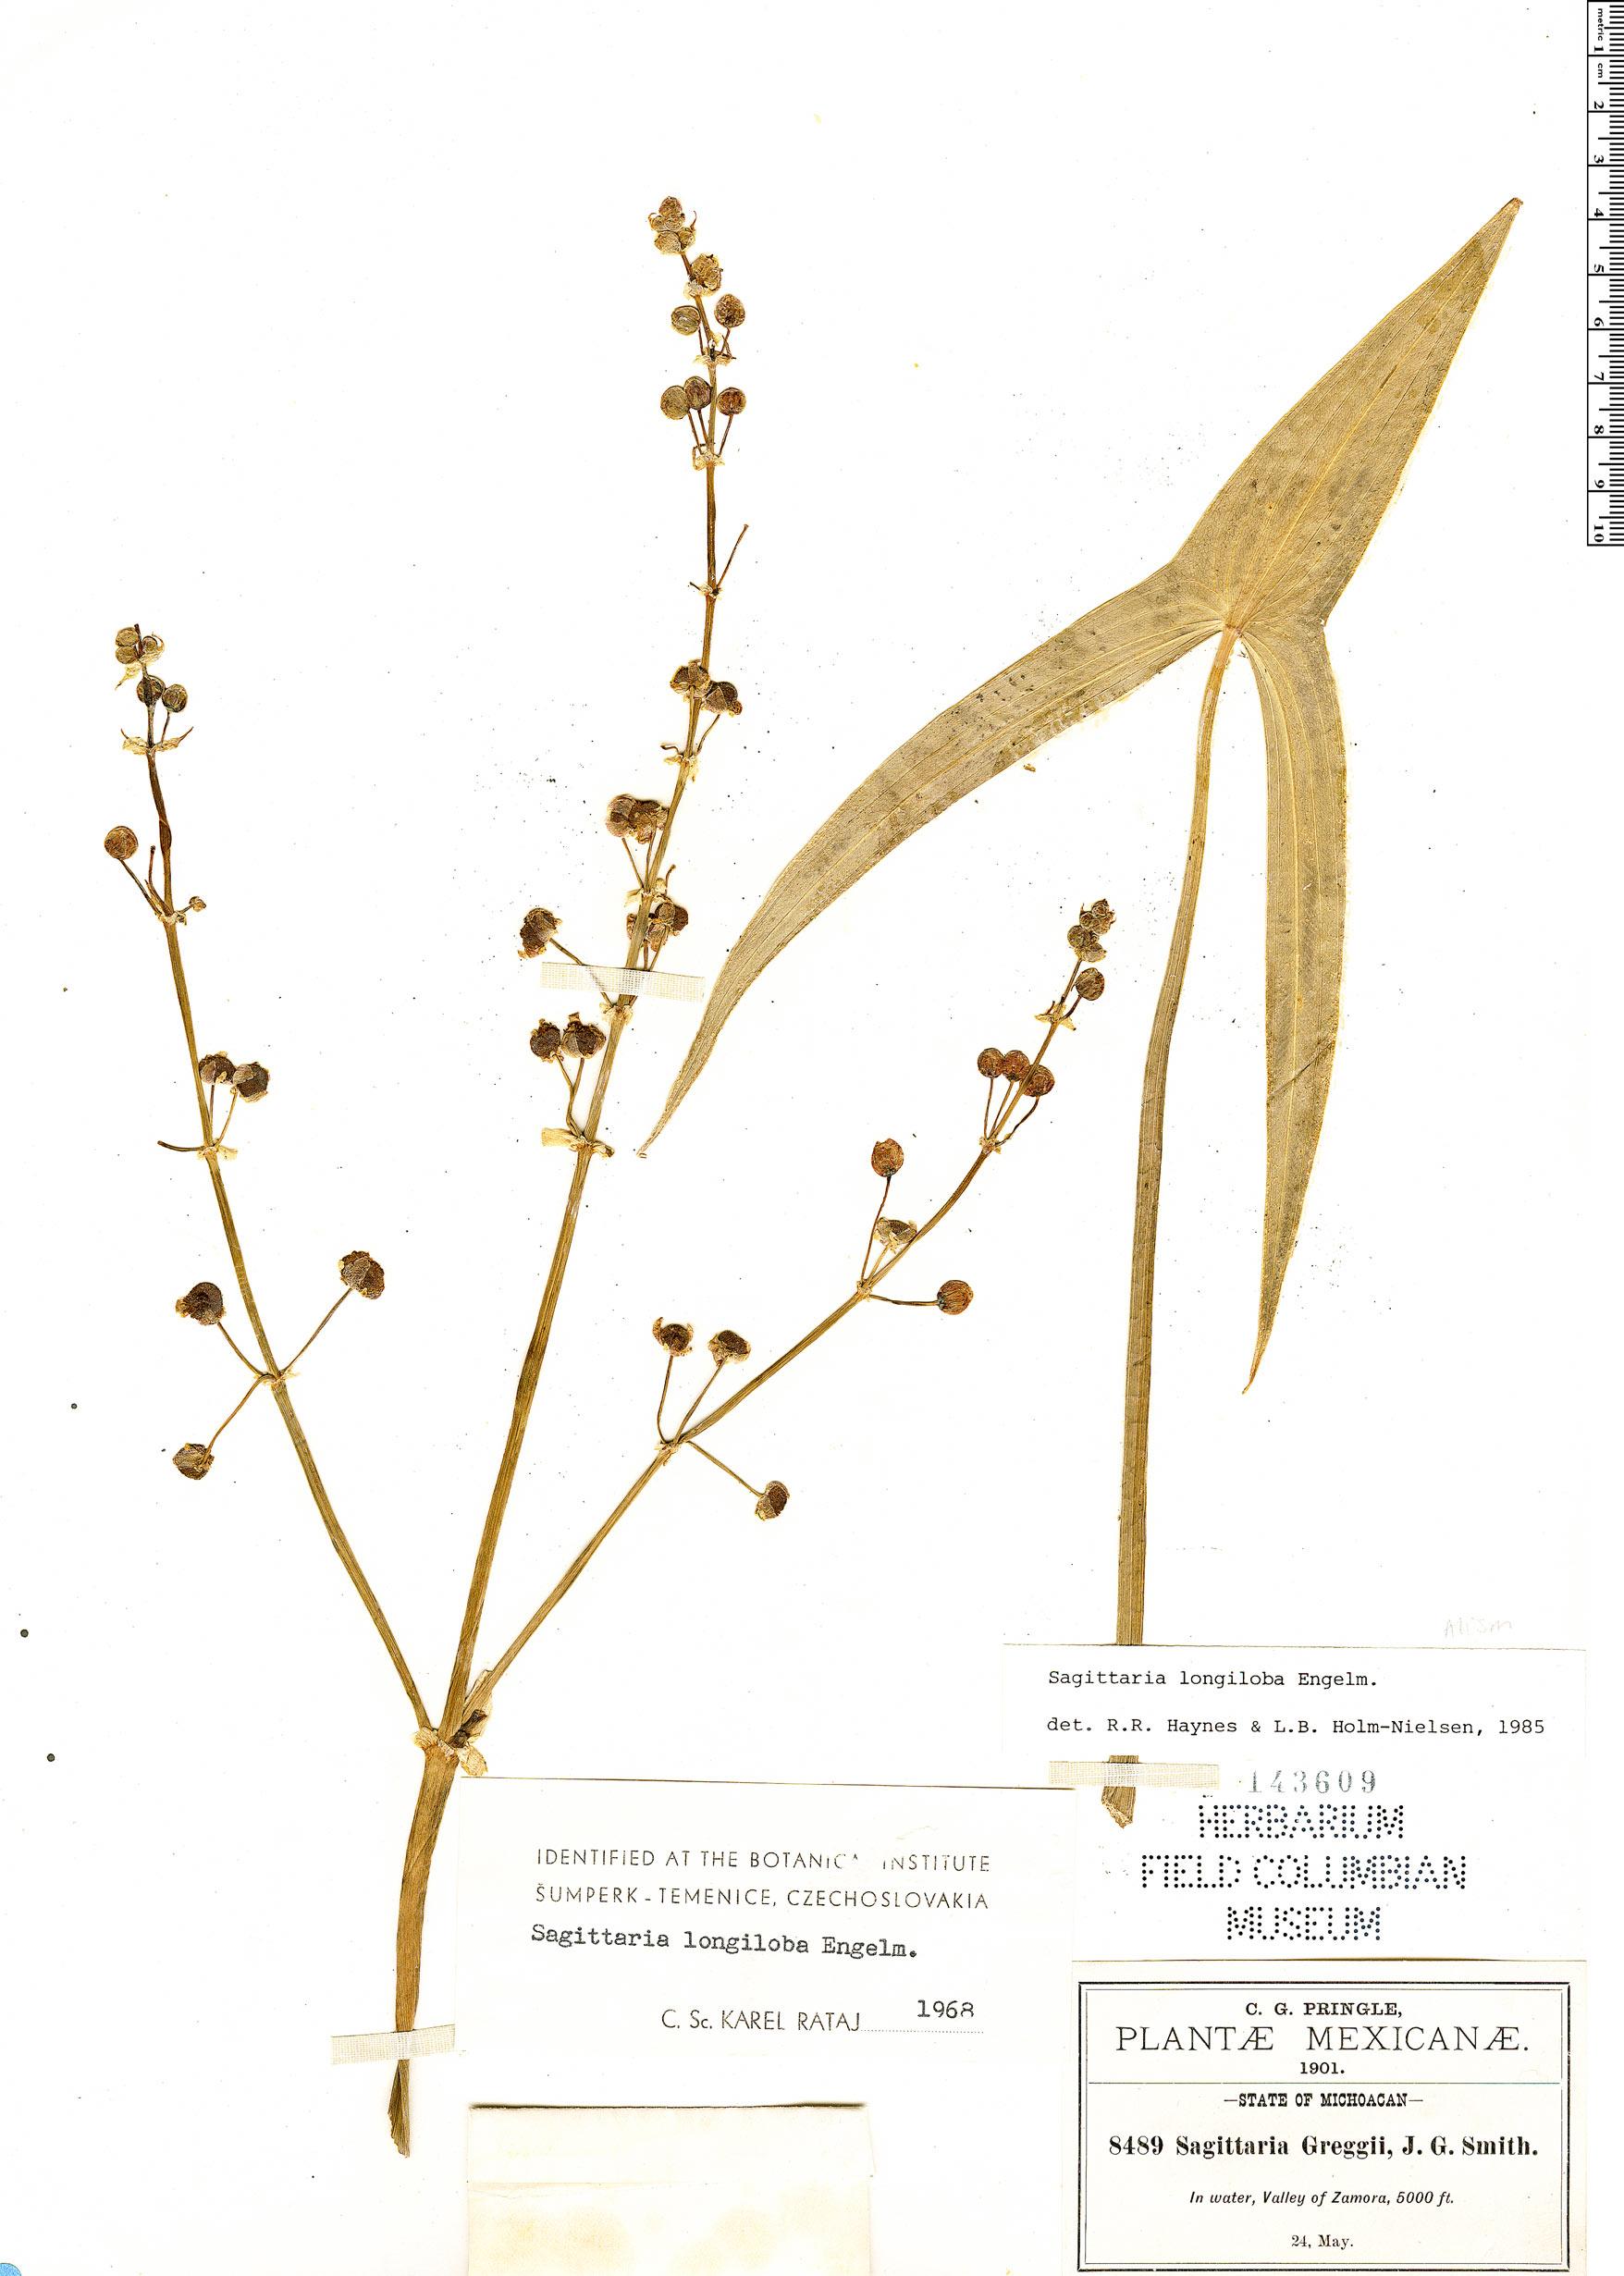 Specimen: Sagittaria longiloba